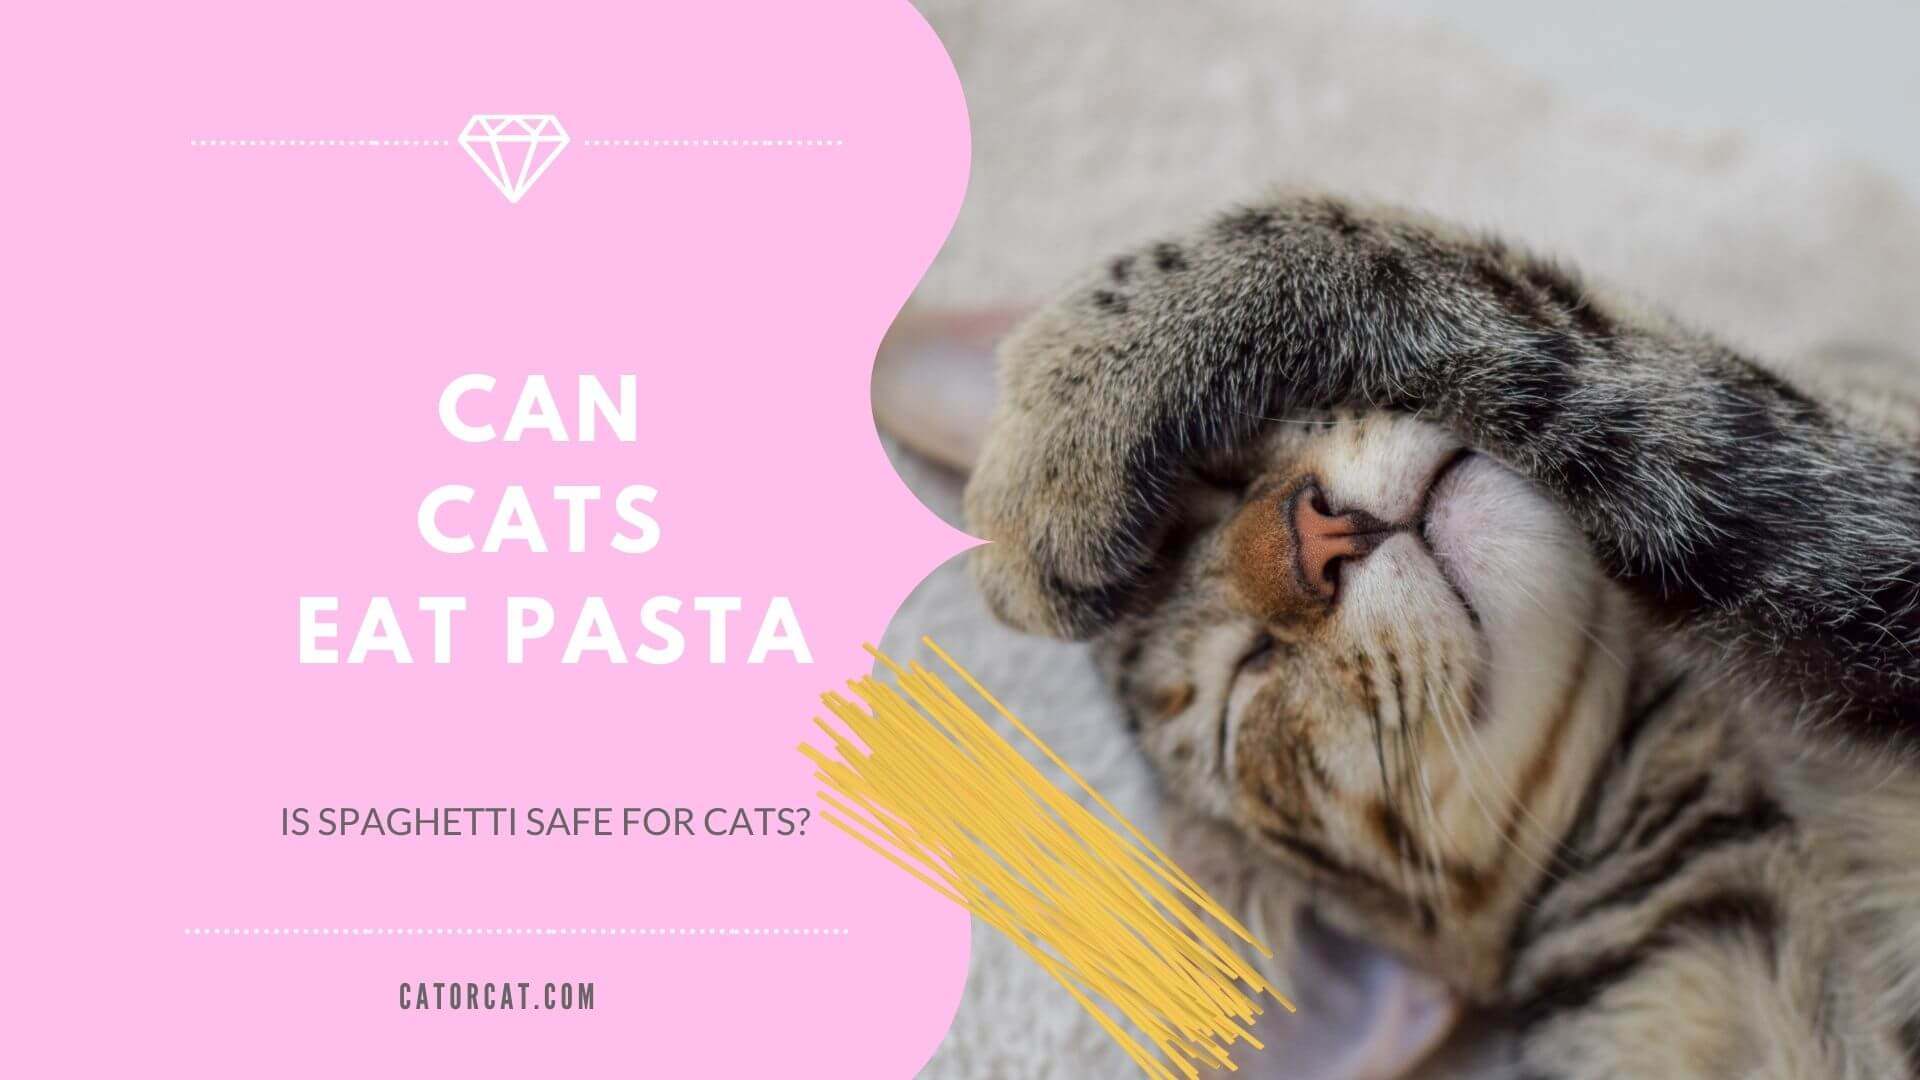 ¿El gato come espaguetis?  ¿Es la salsa de tomate segura para los gatitos?